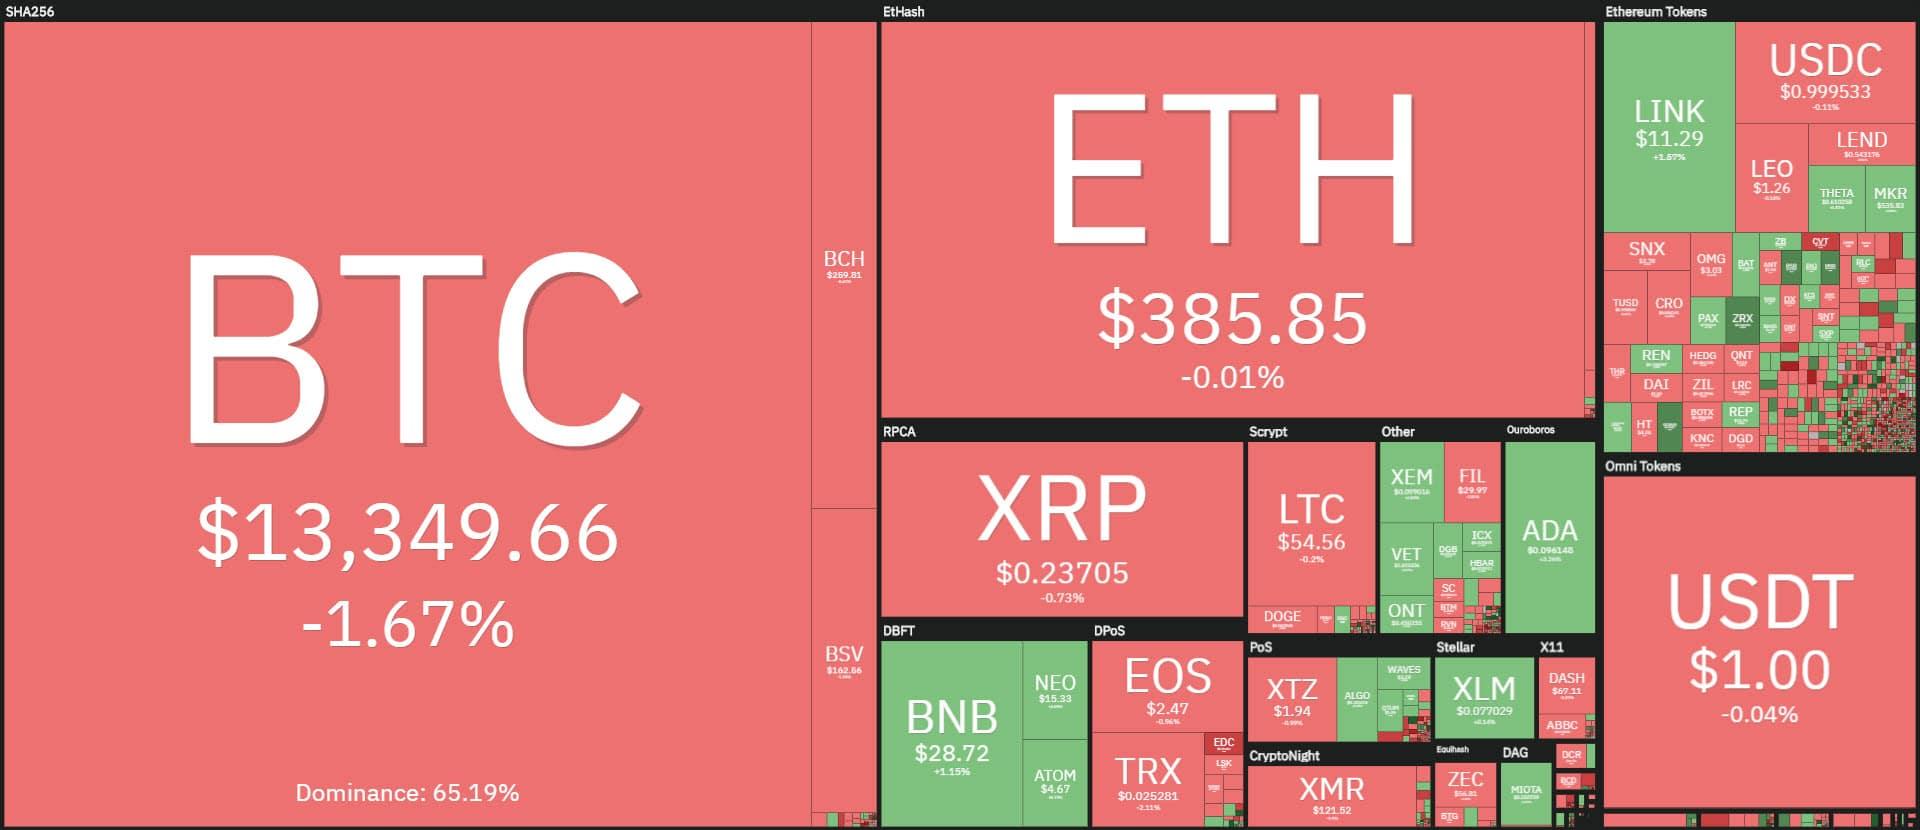 coin360 20201102